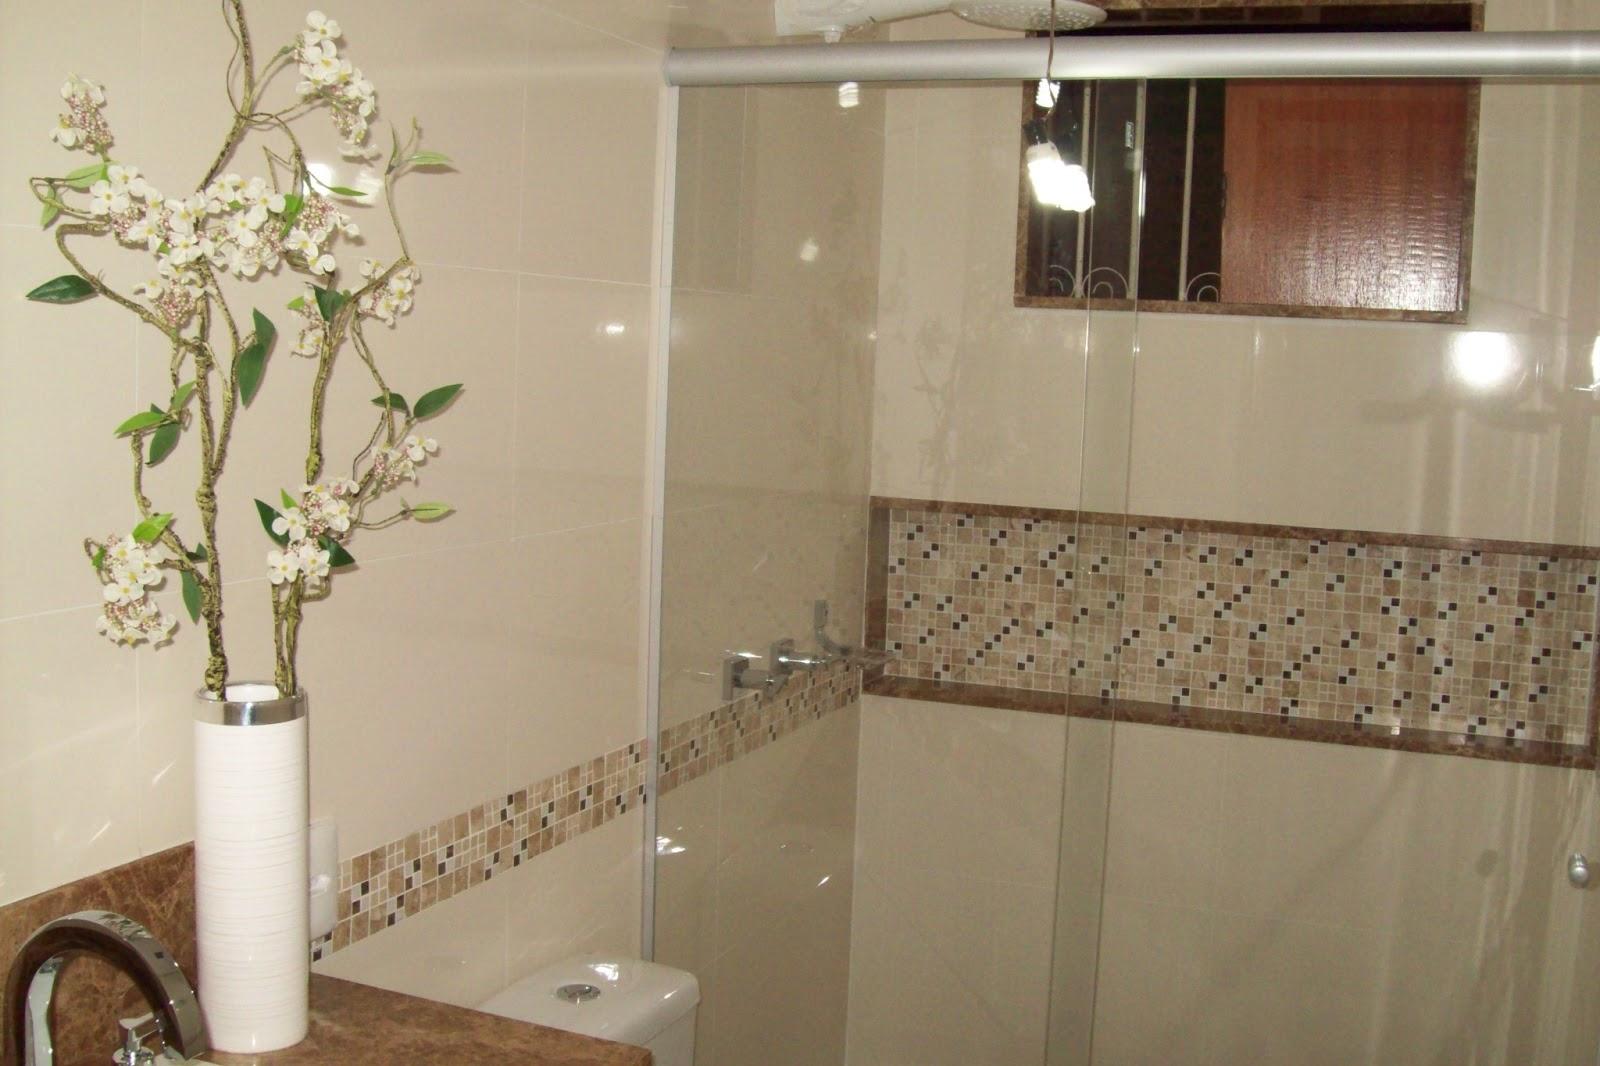 Construções Domingos: Banheiro com Nicho #7D9635 1600x1066 Banheiro Com Nicho